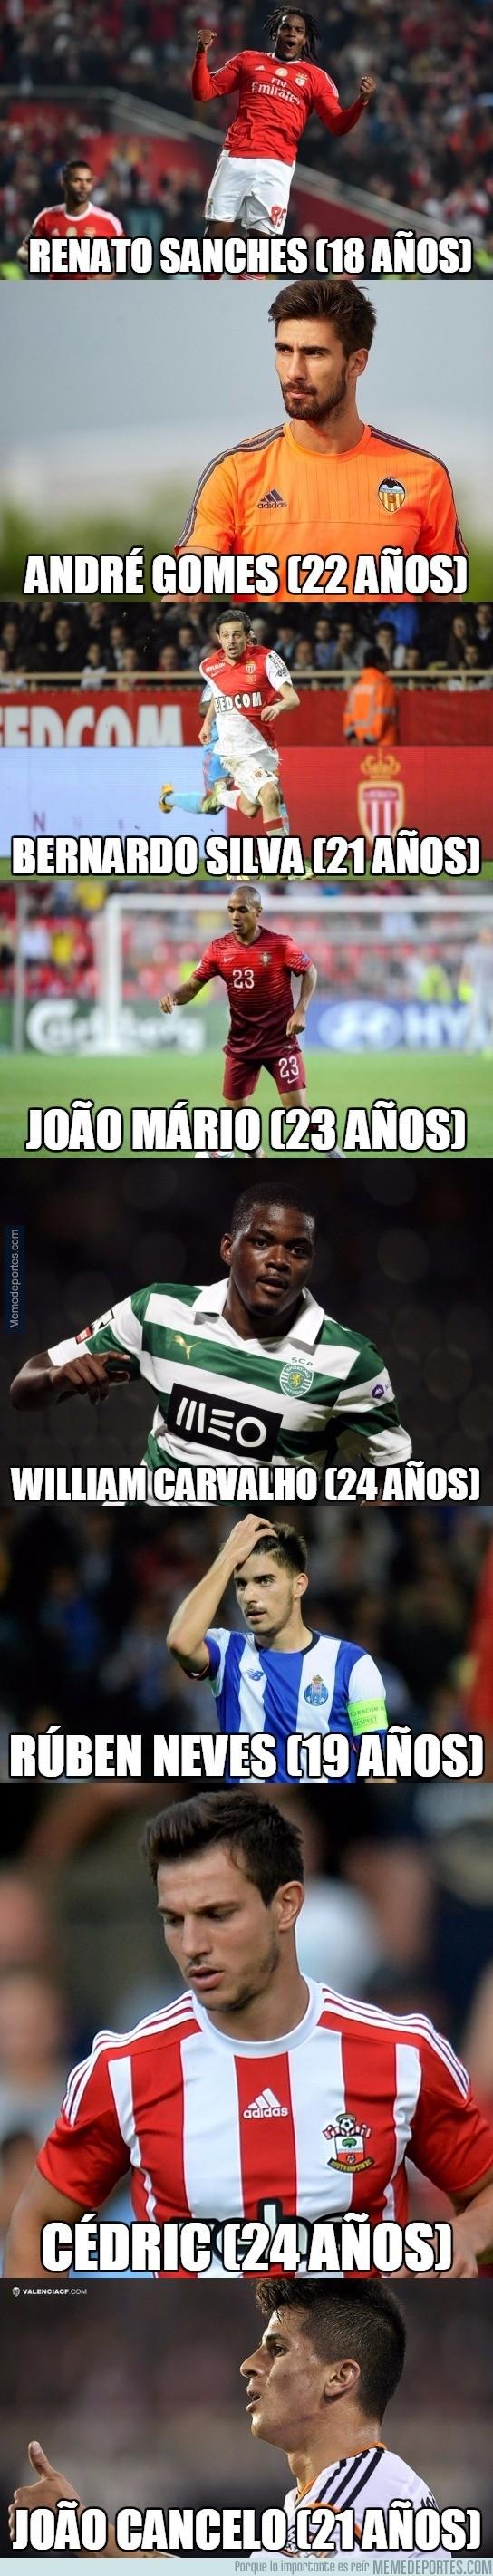 835239 - BRUTAL: Vaya futuro le espera a la Selección Portuguesa